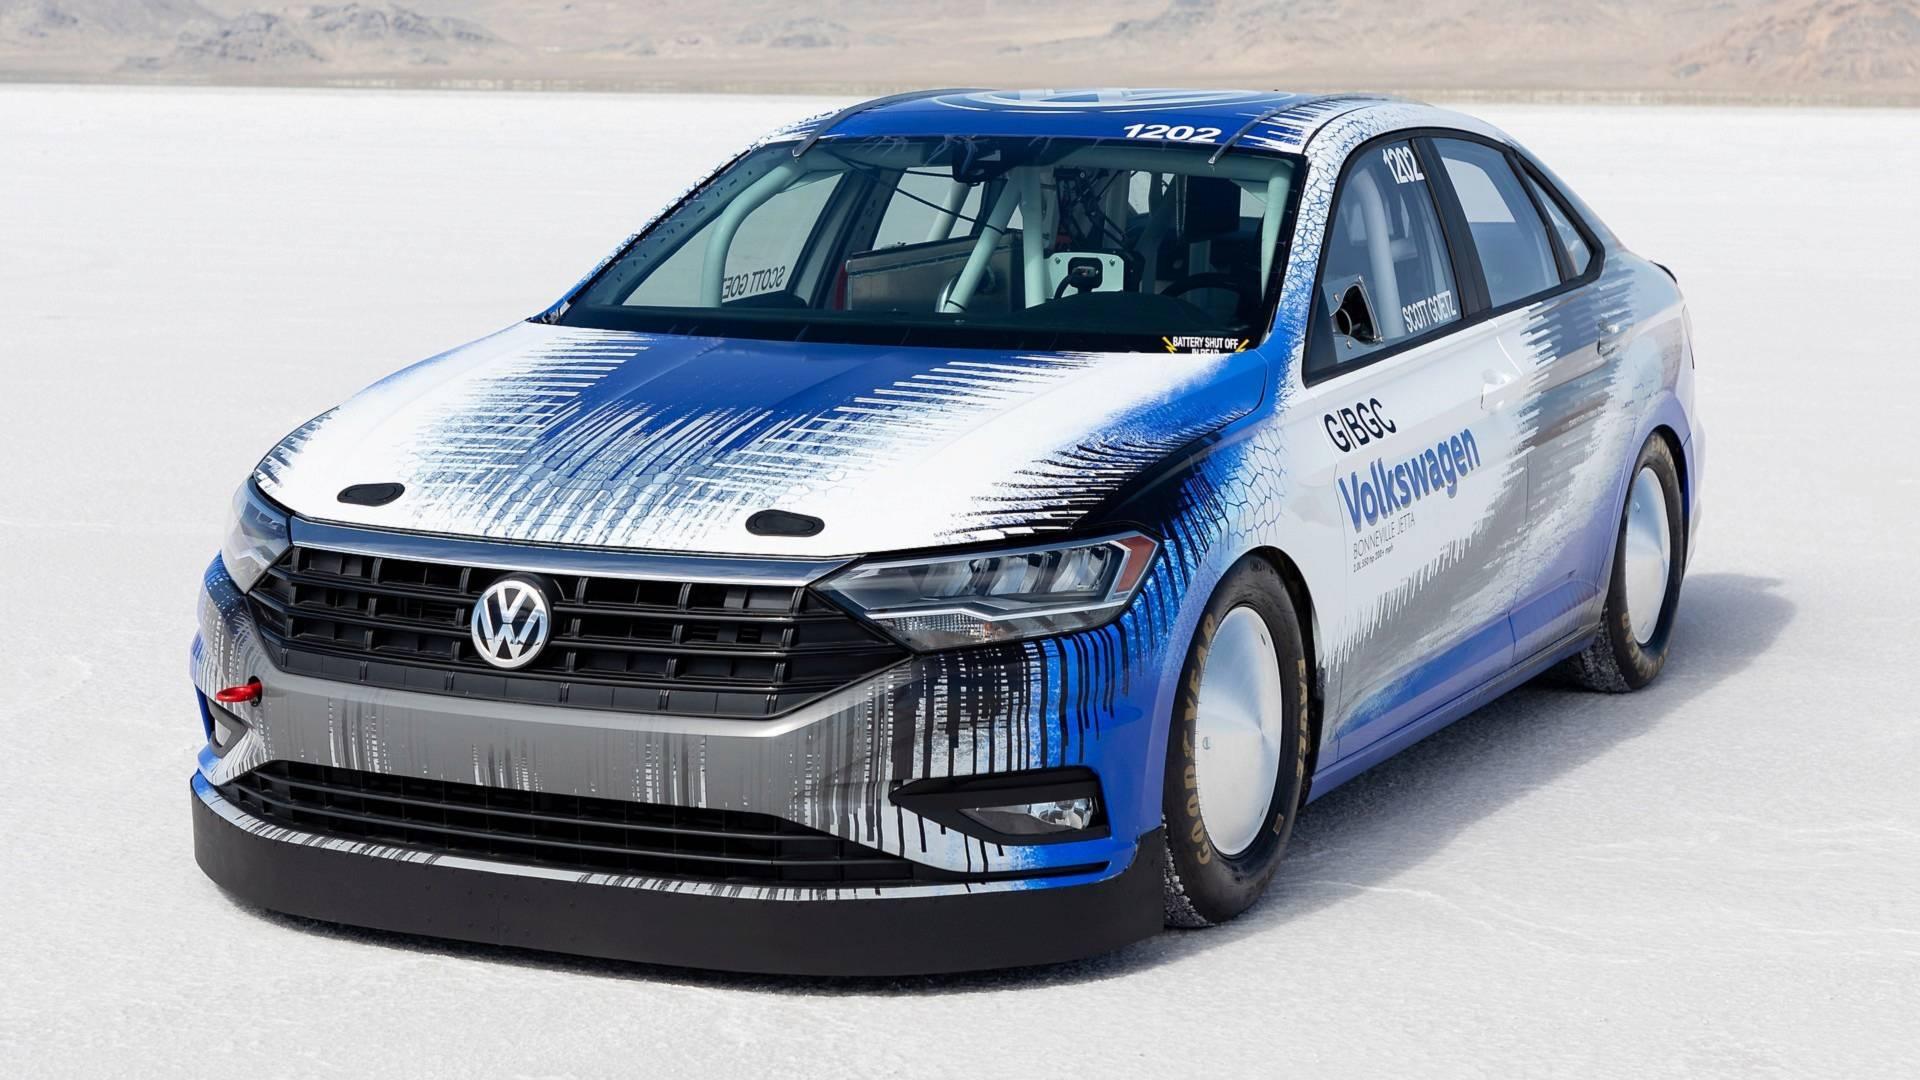 Volkswagen_Jetta_Bonneville_0001